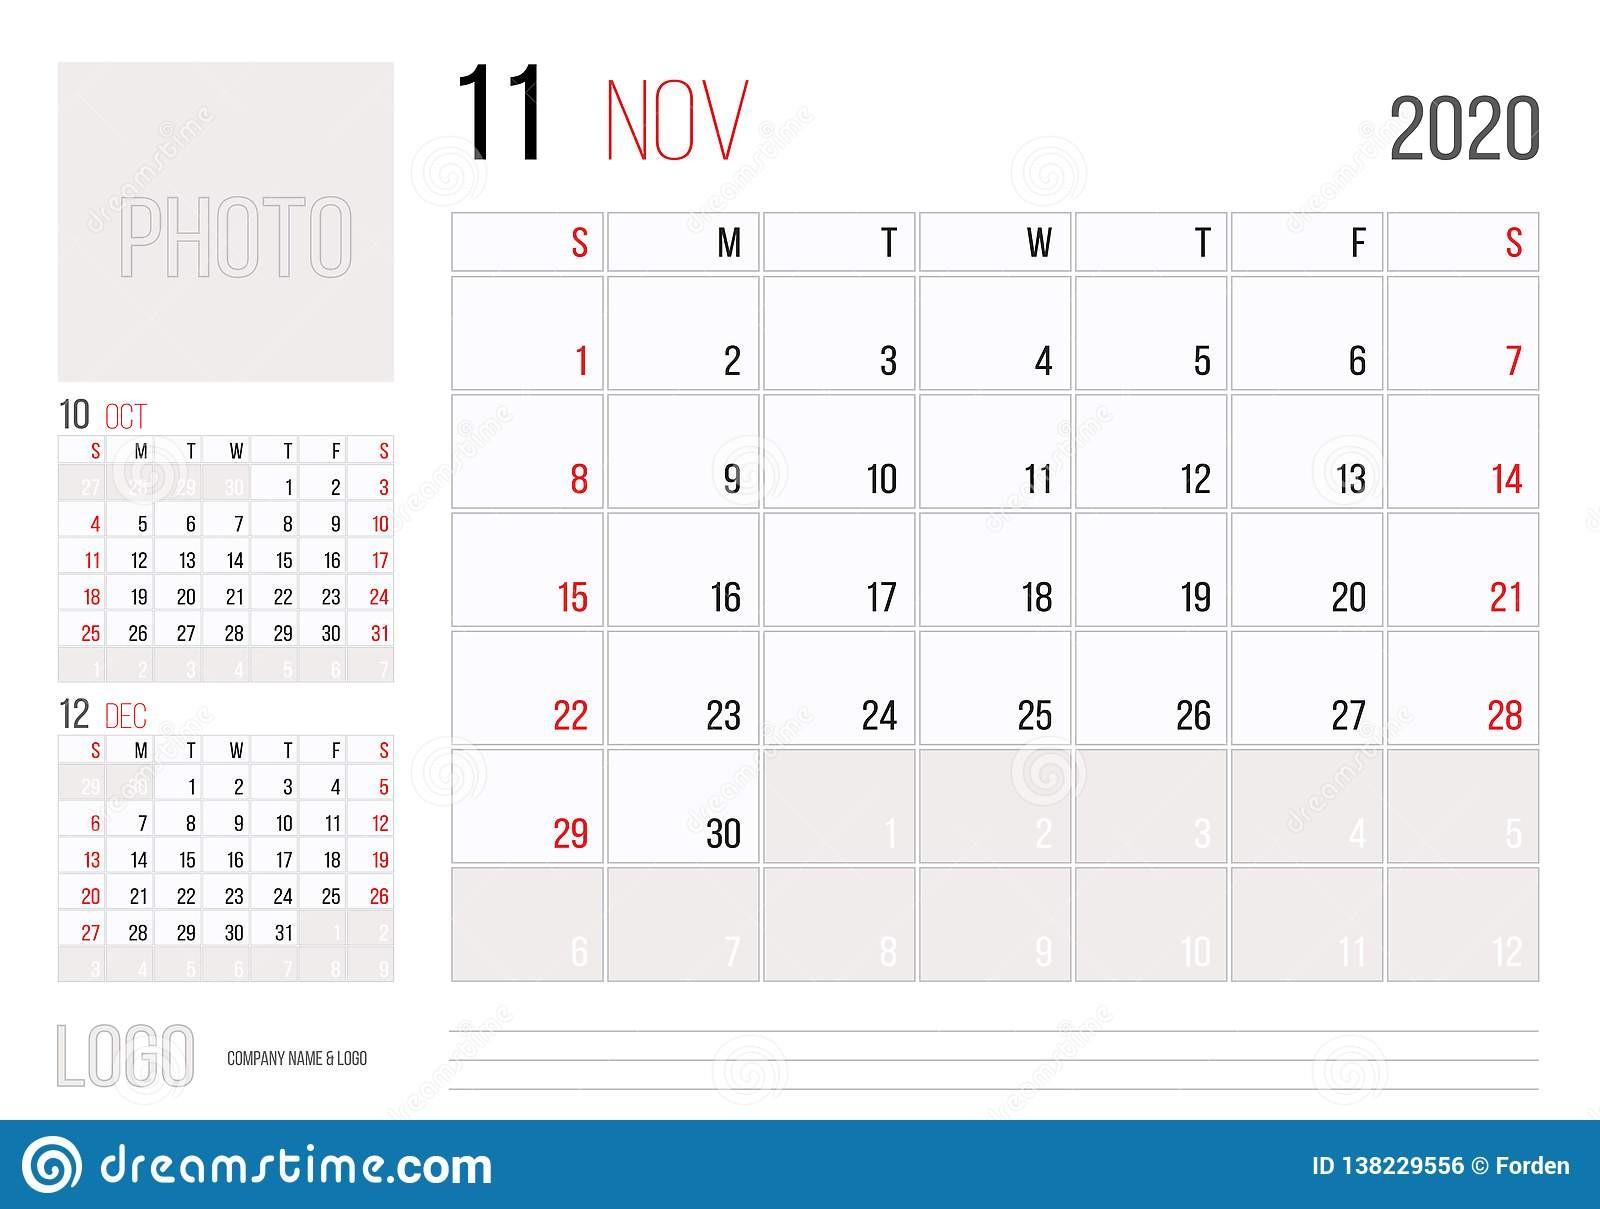 diseño corporativo de la plantilla del planificador calendario noviembre ienzo semana el domingo